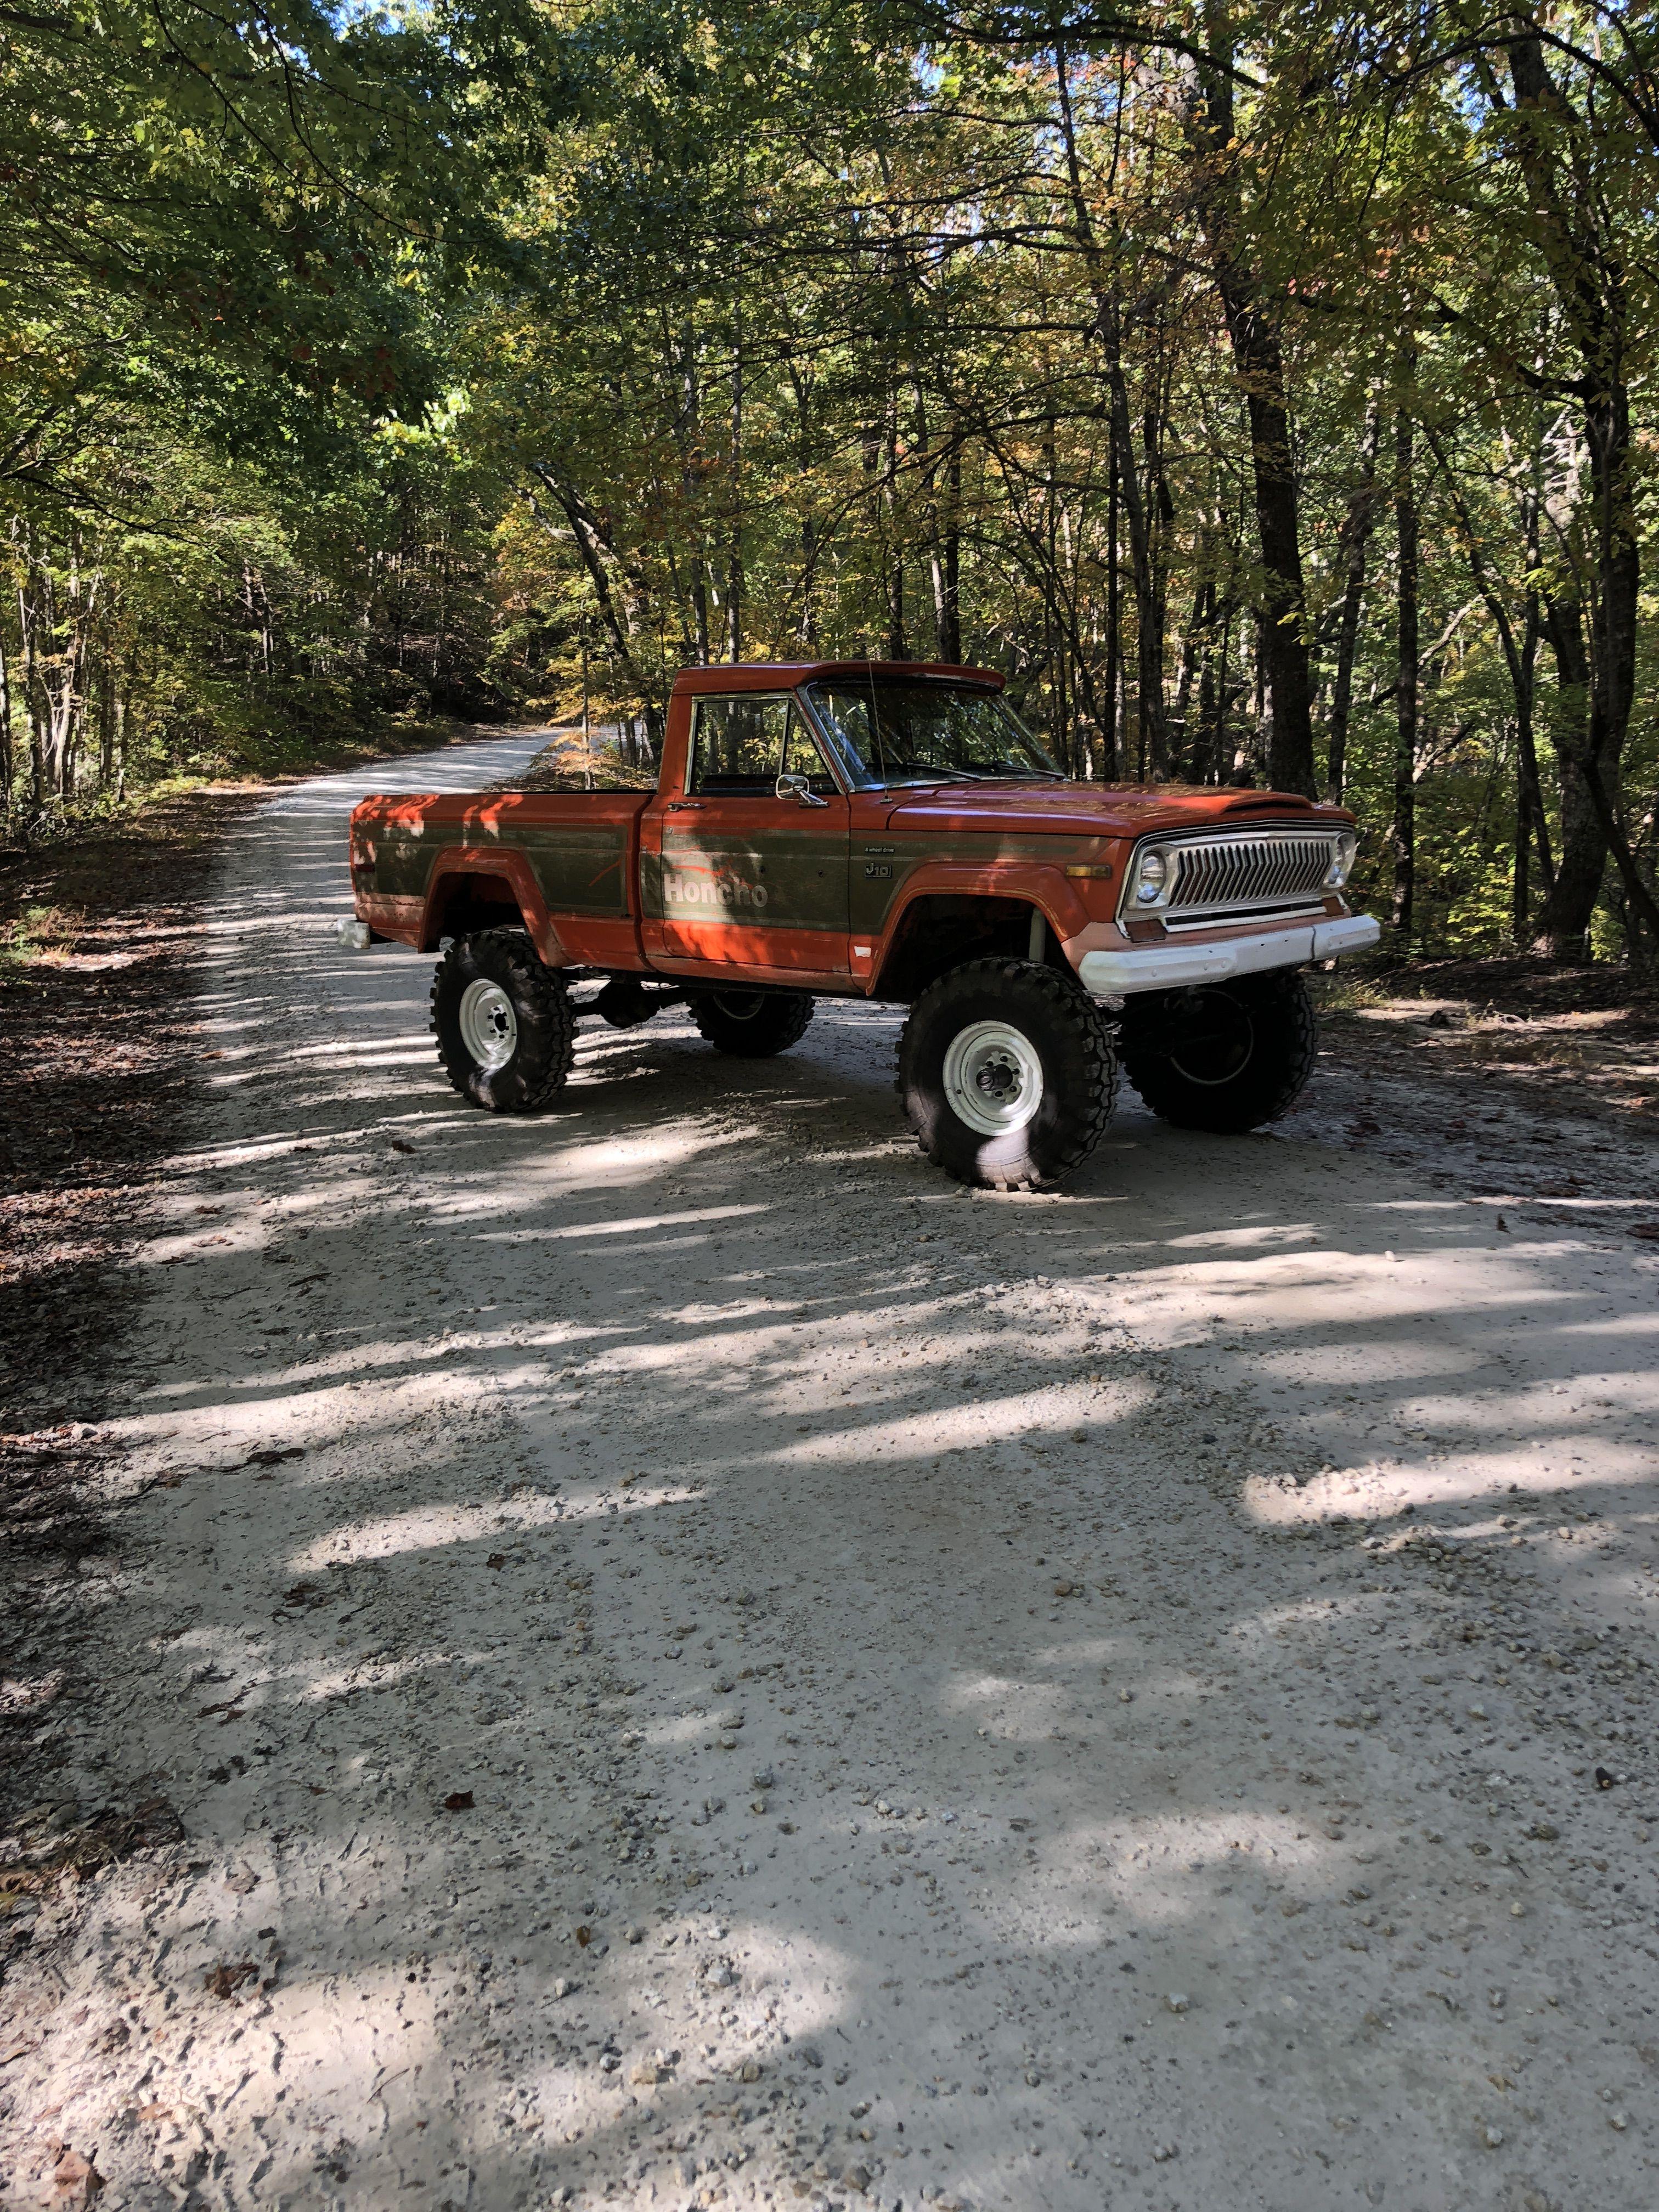 Pin By Brian Koenig On Jeep Pickup Jeep Truck Jeep Custom Jeep